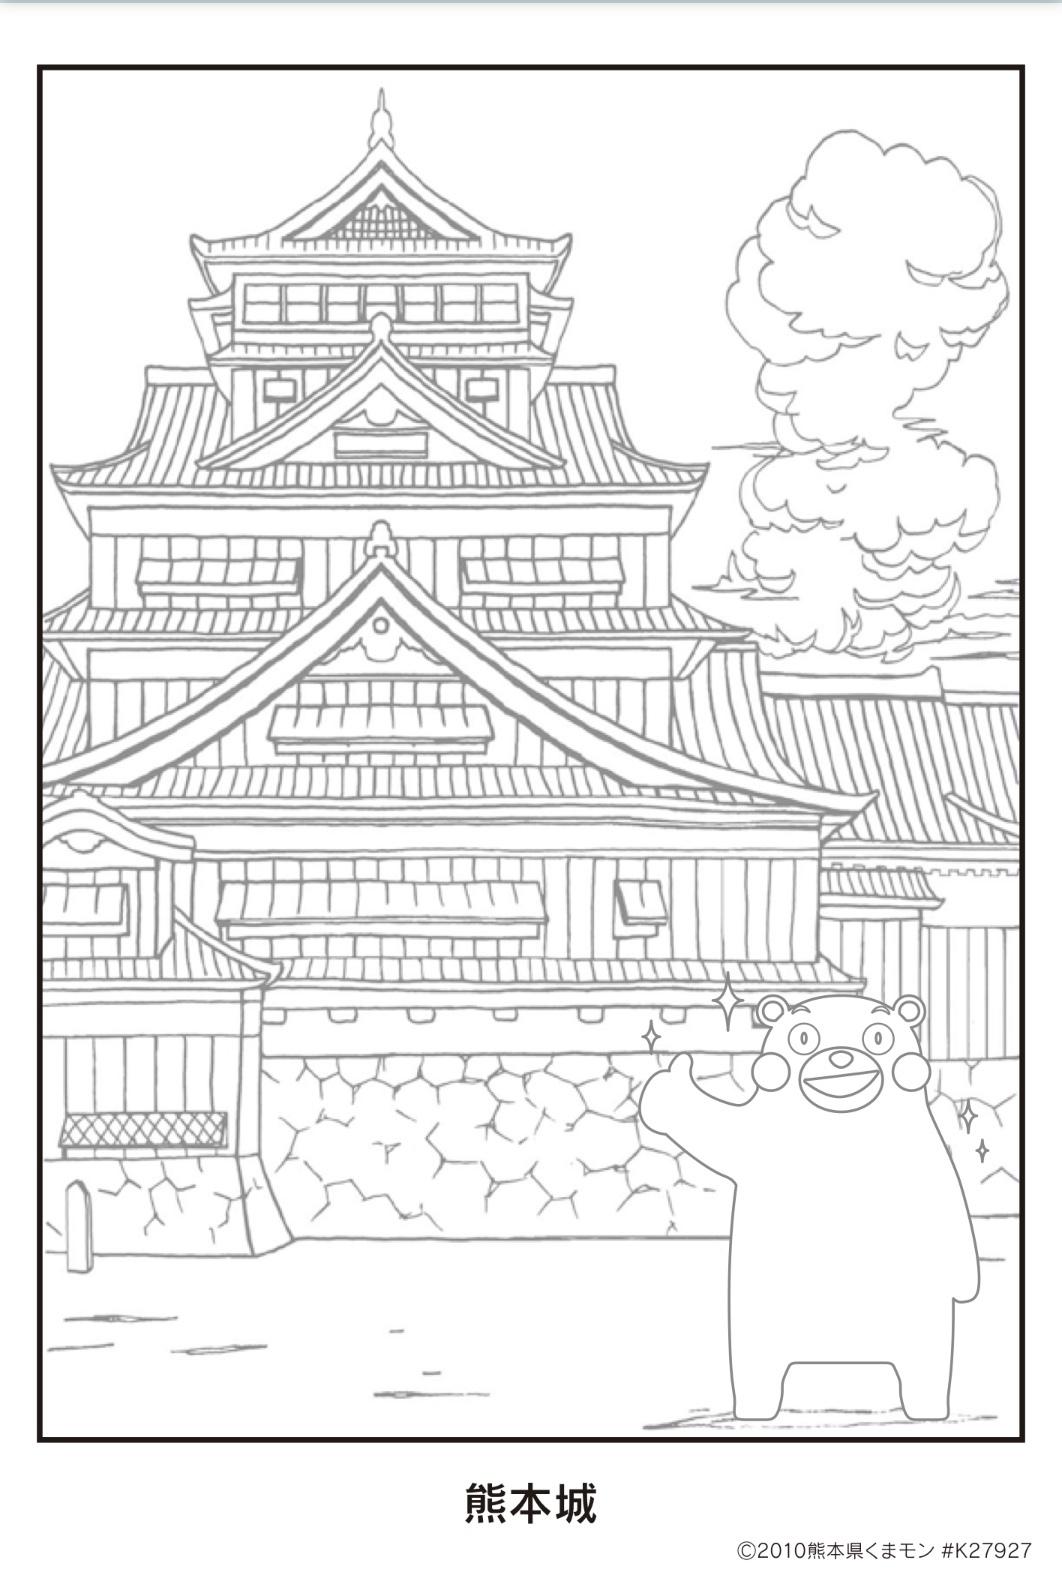 にこにこきらきら ぬりえ 熊本城ハガキ シホサンフラワー